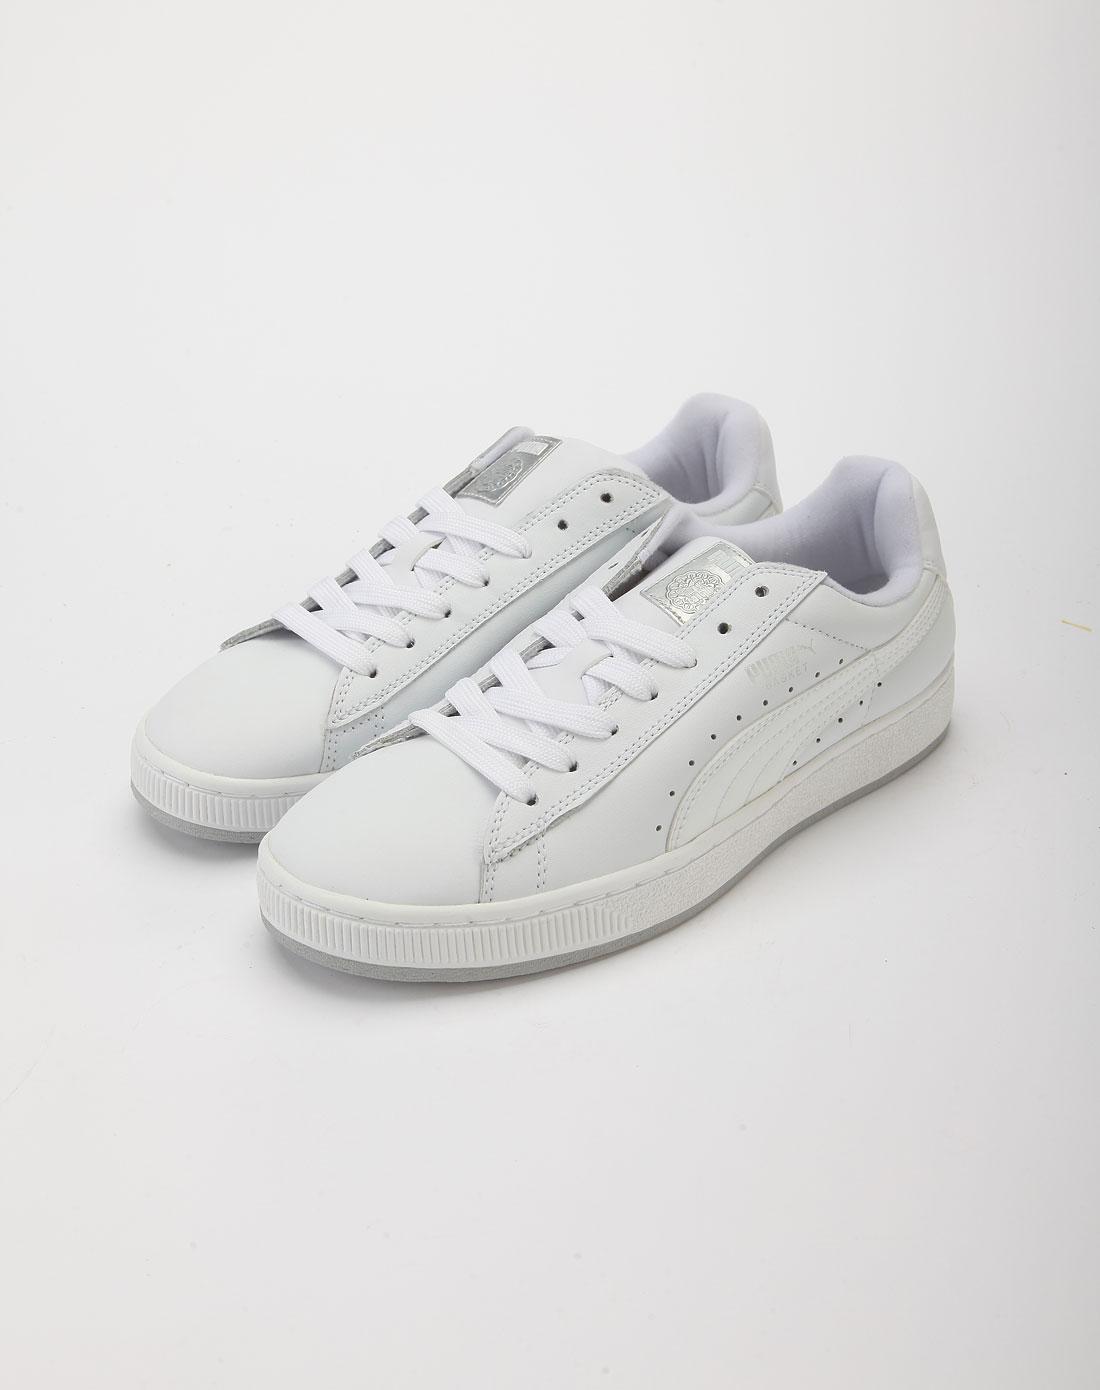 彪马puma男女鞋白色简约休闲鞋35193101